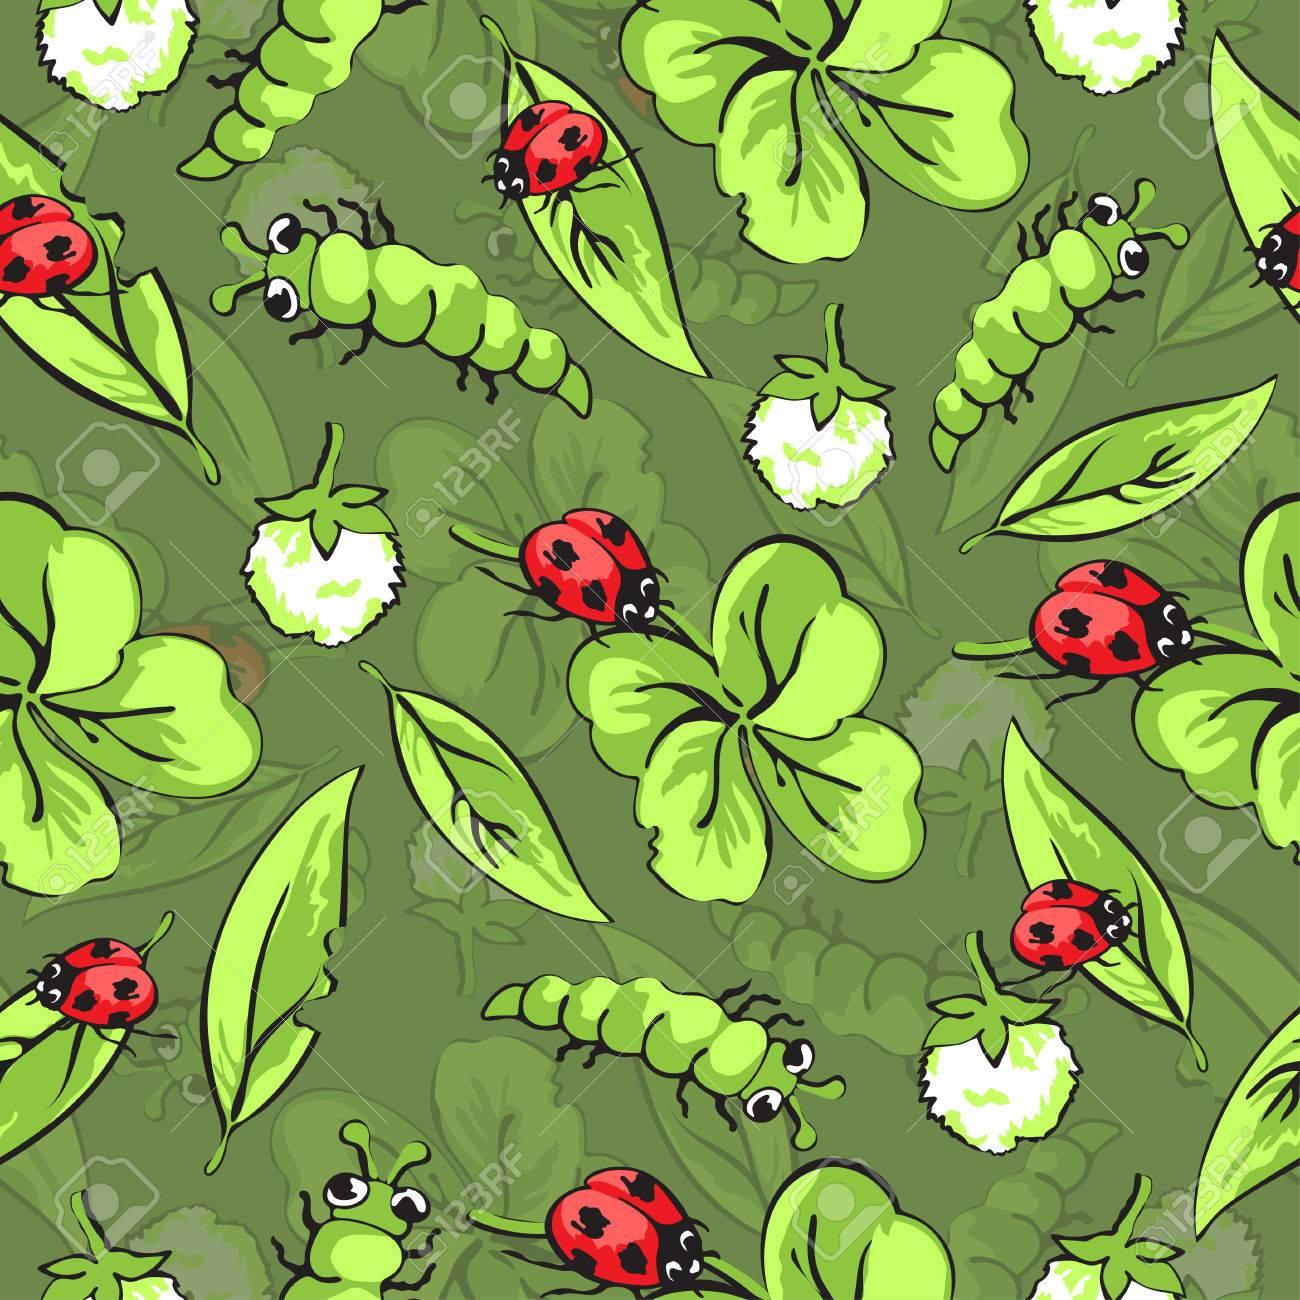 手描きの昆虫 葉 クローバー生地デザインや壁紙のパターンの花の漫画